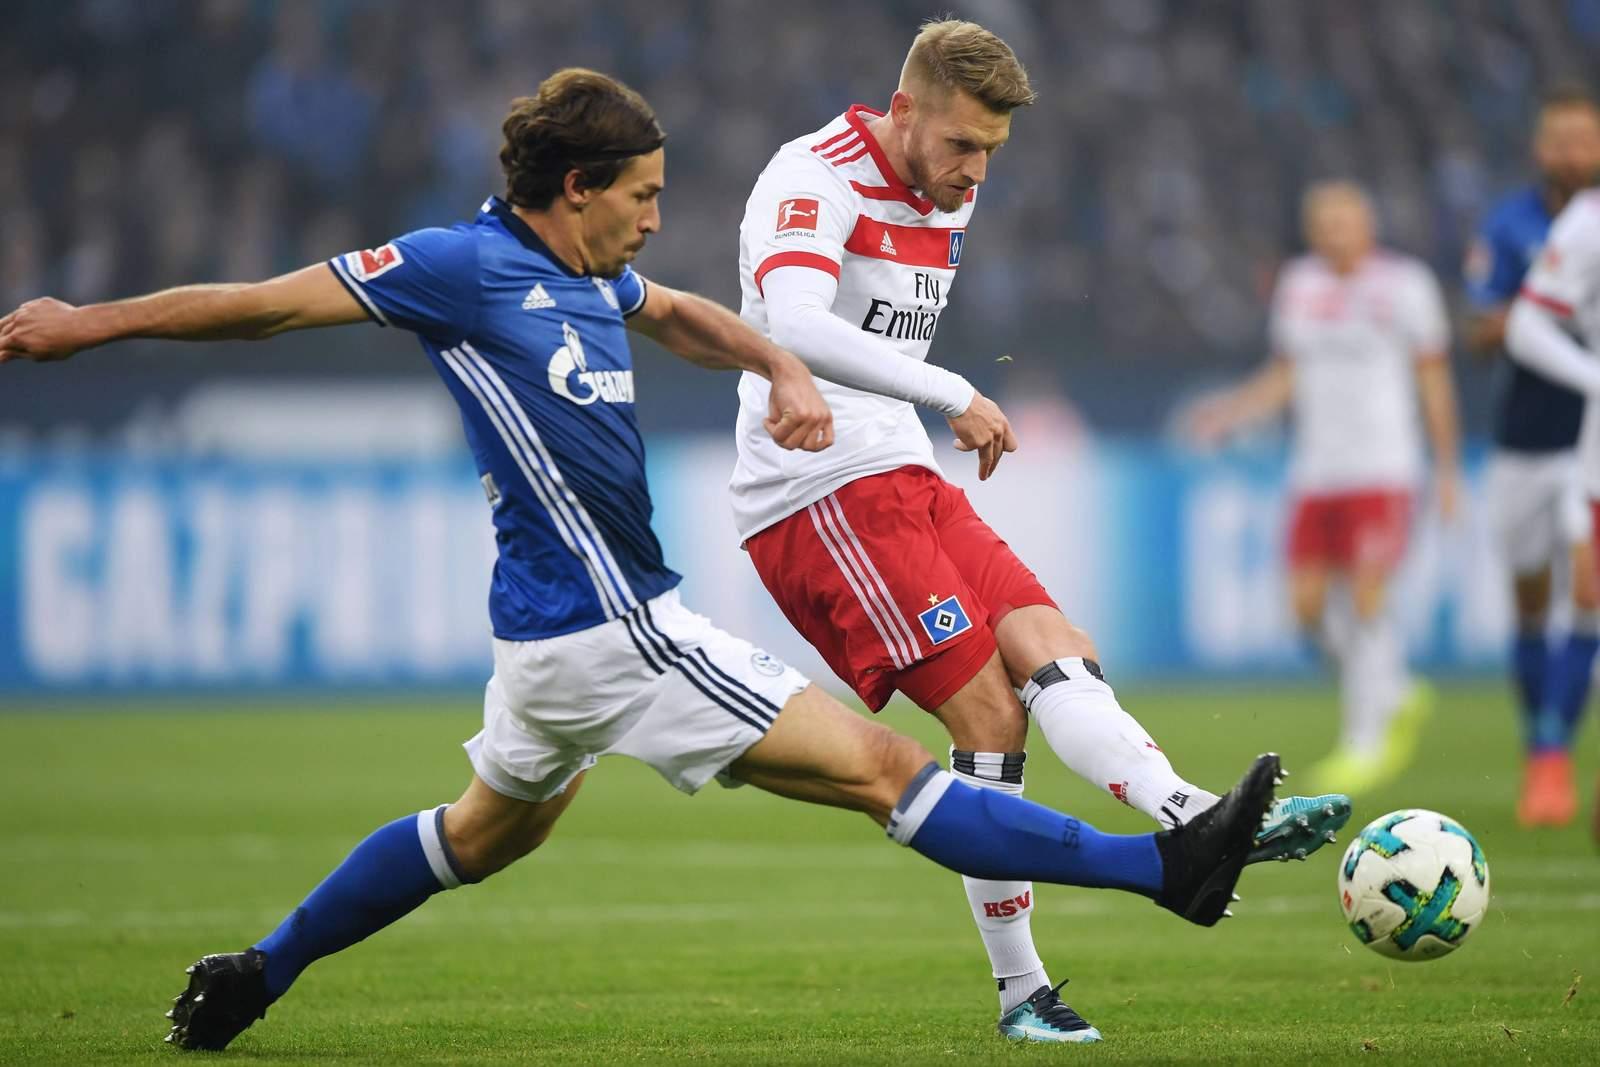 Aaron Hunt spielt den Ball, Benjamin Stambouli will die Kugel noch abfangen. Jetzt auf HSV gegen Schalke wetten.